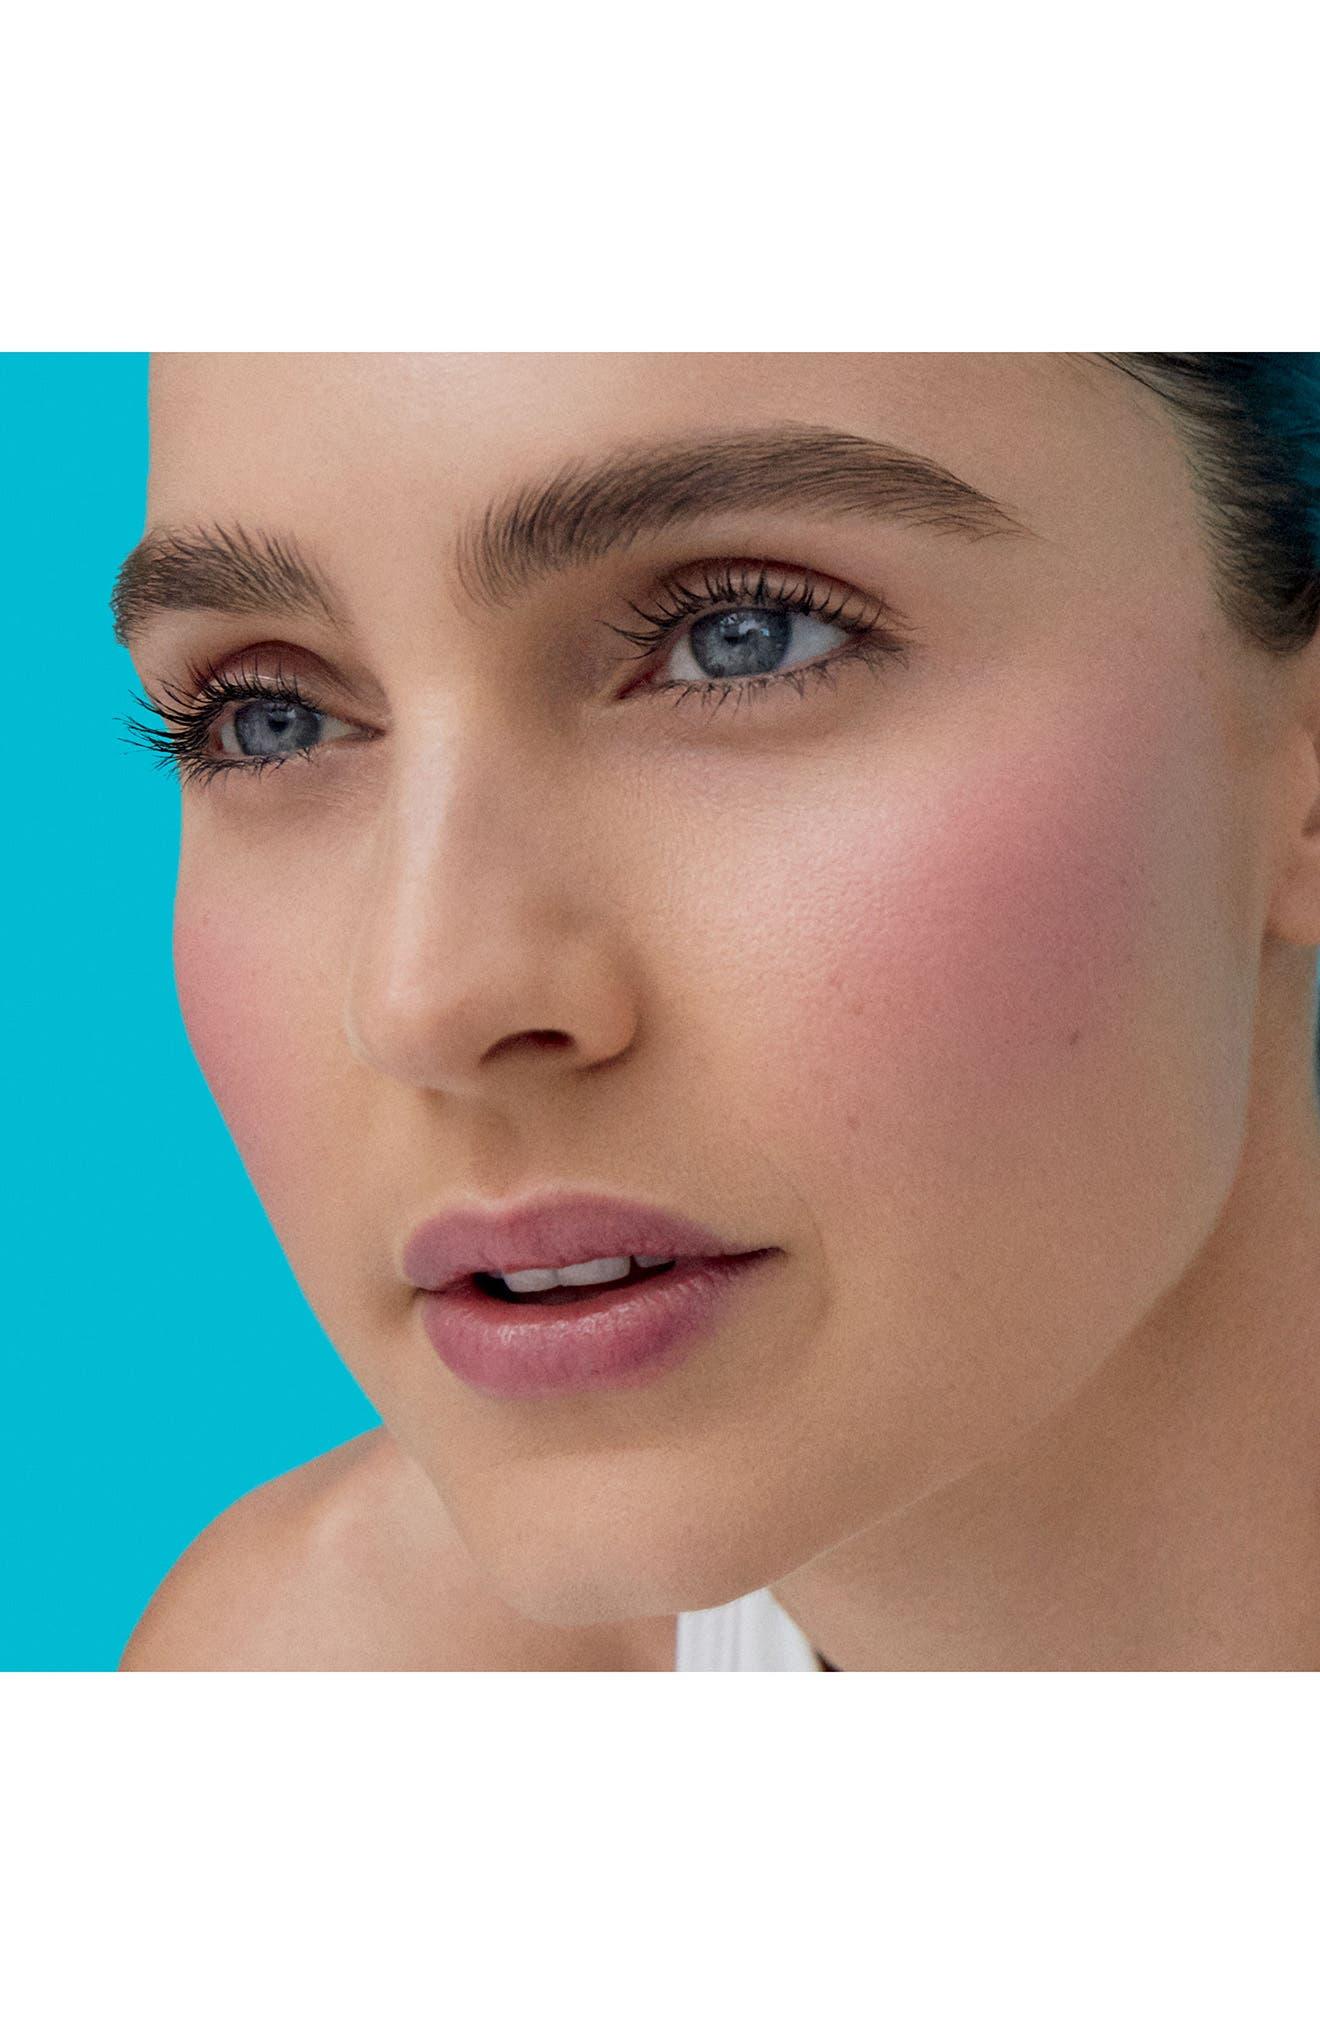 CliniqueFIT Post-Workout Neutralizing Face Powder,                             Alternate thumbnail 7, color,                             No Color